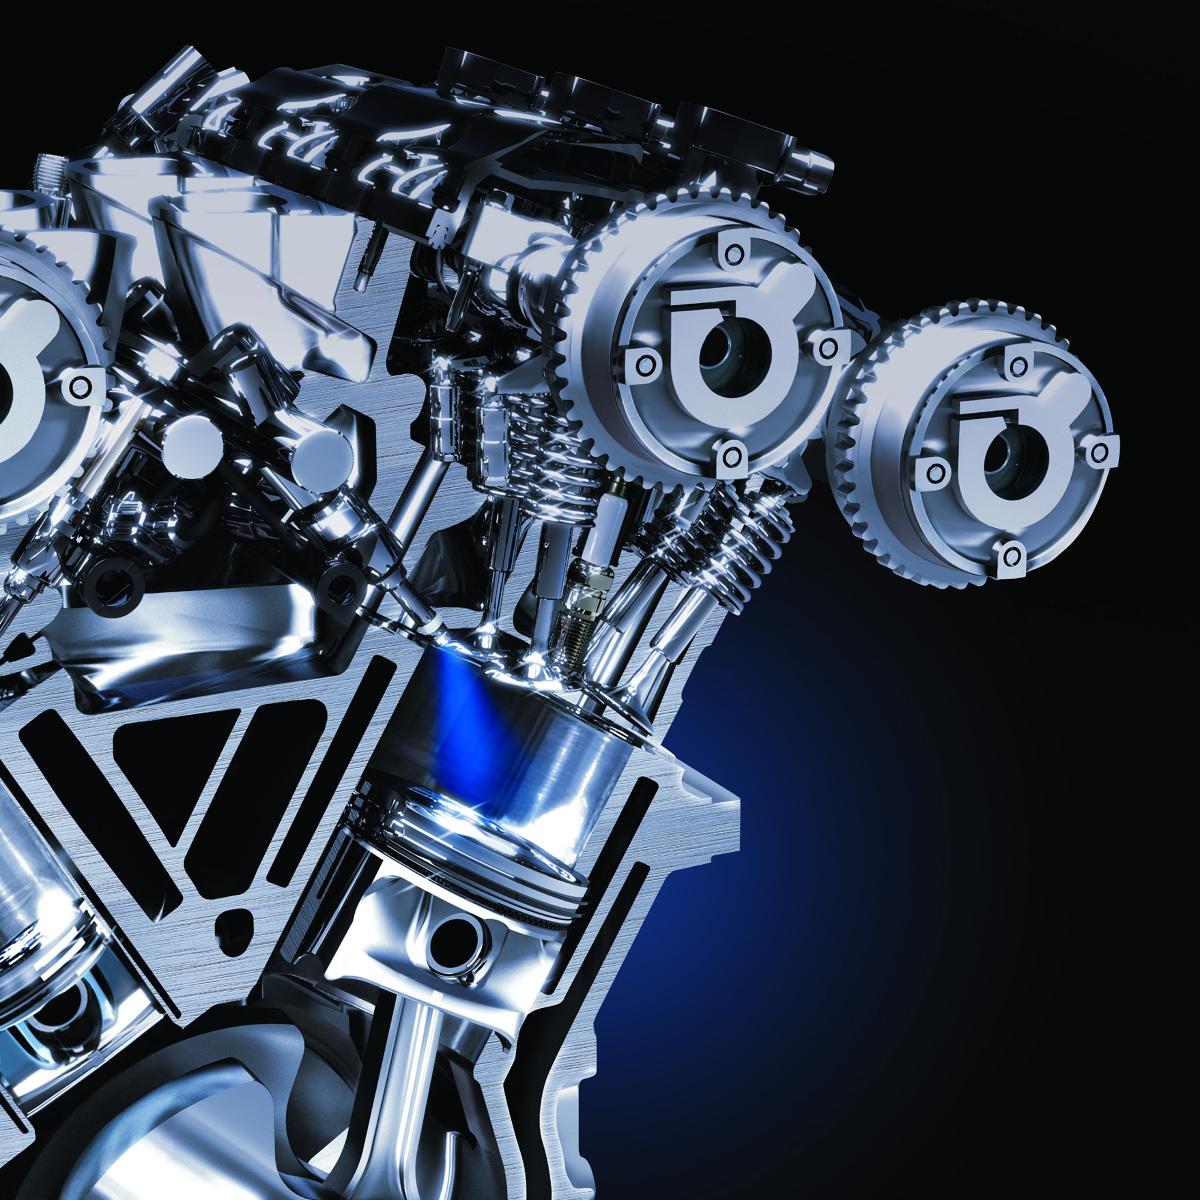 Zjawisko LSPI jest w motoryzacji względnie nowym pojęciem. Jest to pochodna spalania stukowego, z którym motoryzacja ostatecznie uporała się wraz z technologicznym rozwojem silników spalinowych o zapłonie iskrowym. Paradoksalnie rozwój technologiczny, a konkretnie downsizing, spowodował, że spalanie stukowe wróciło i to w bardzo niebezpiecznej formie zjawiska LSPI (Low-Speed Pre-Injection), co w wolnym tłumaczeniu oznacza przedwczesny zapłon przy niskich prędkościach obrotowych silnika.  Fot. NewsPress